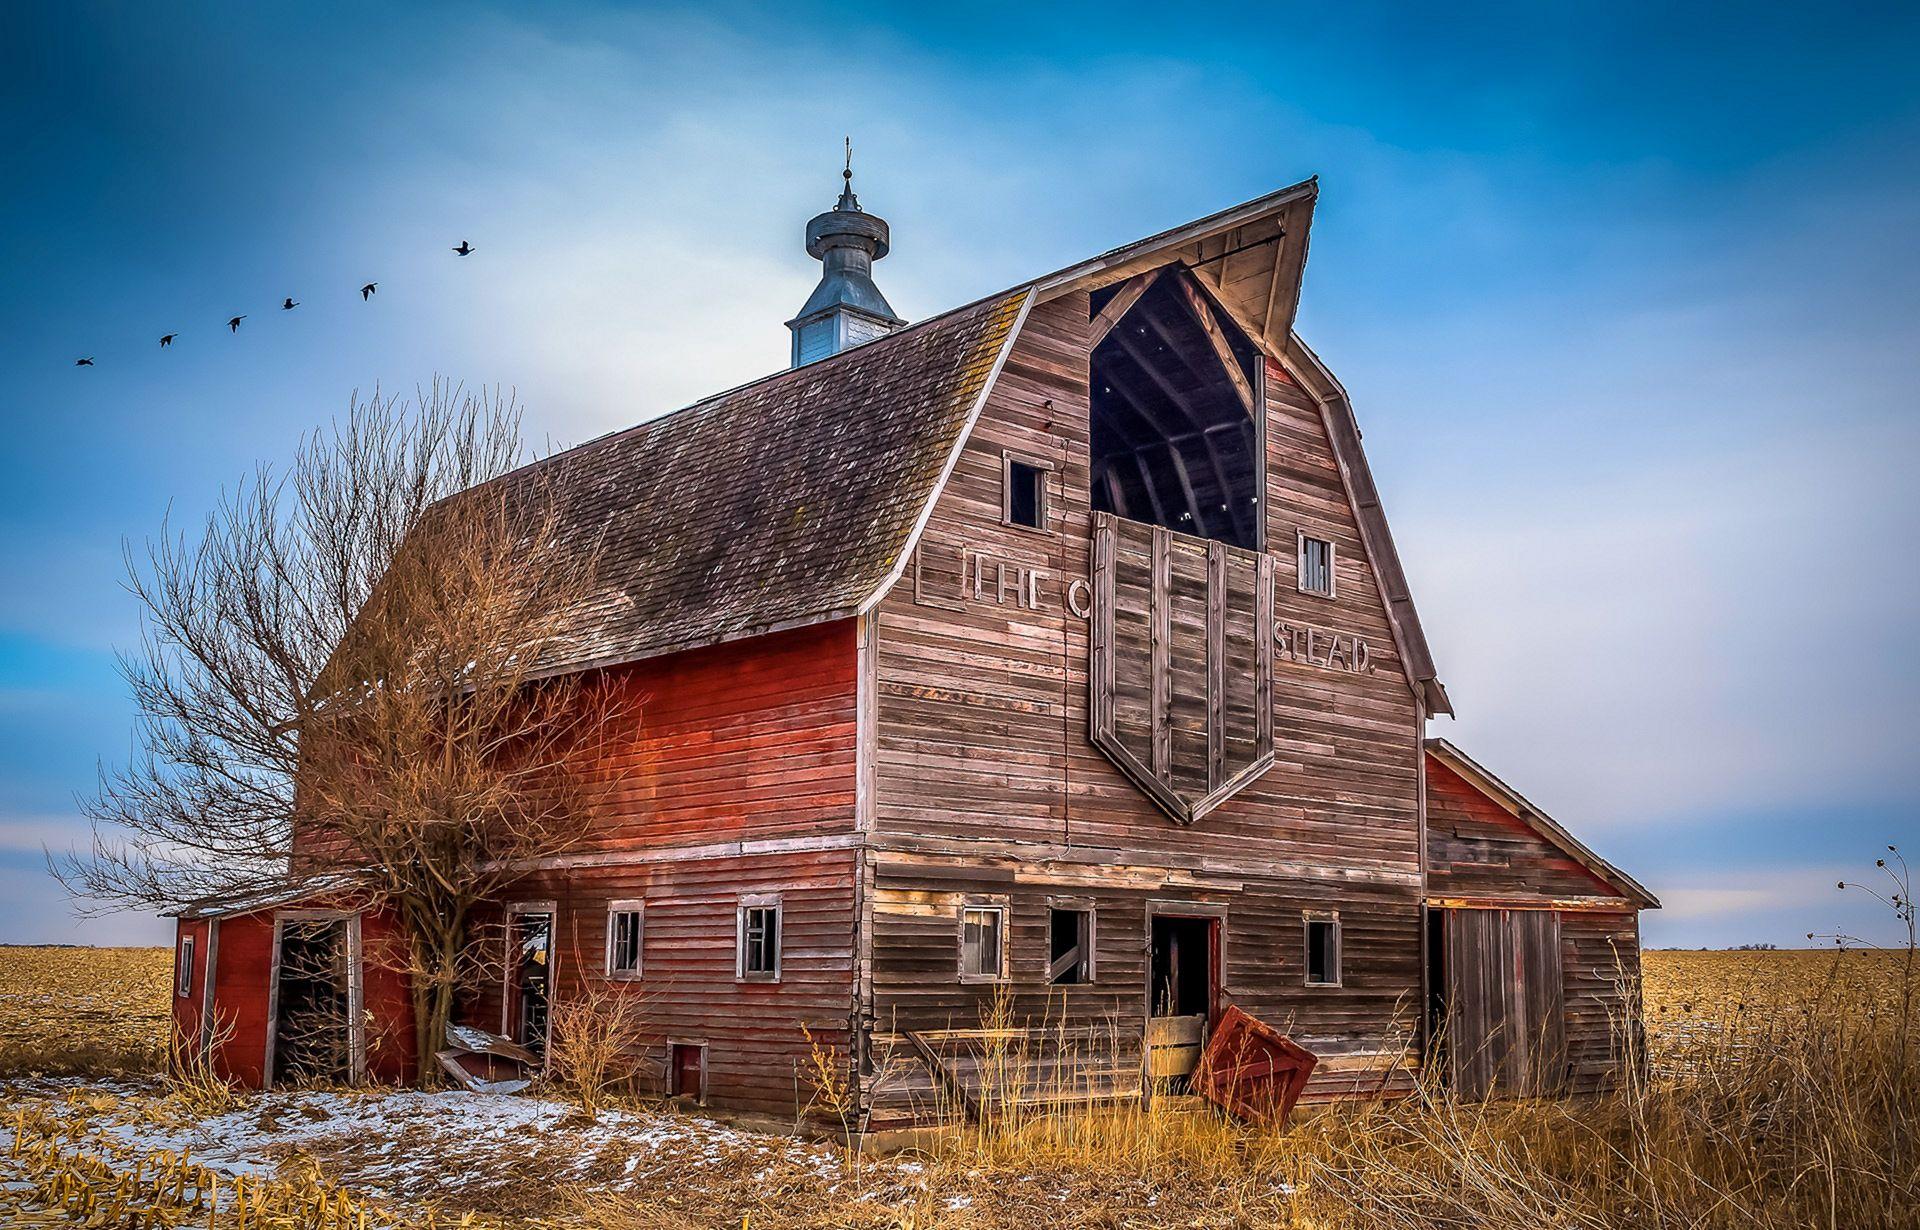 Old Barn Photographys  Old Barn Photographys  Design Ideas